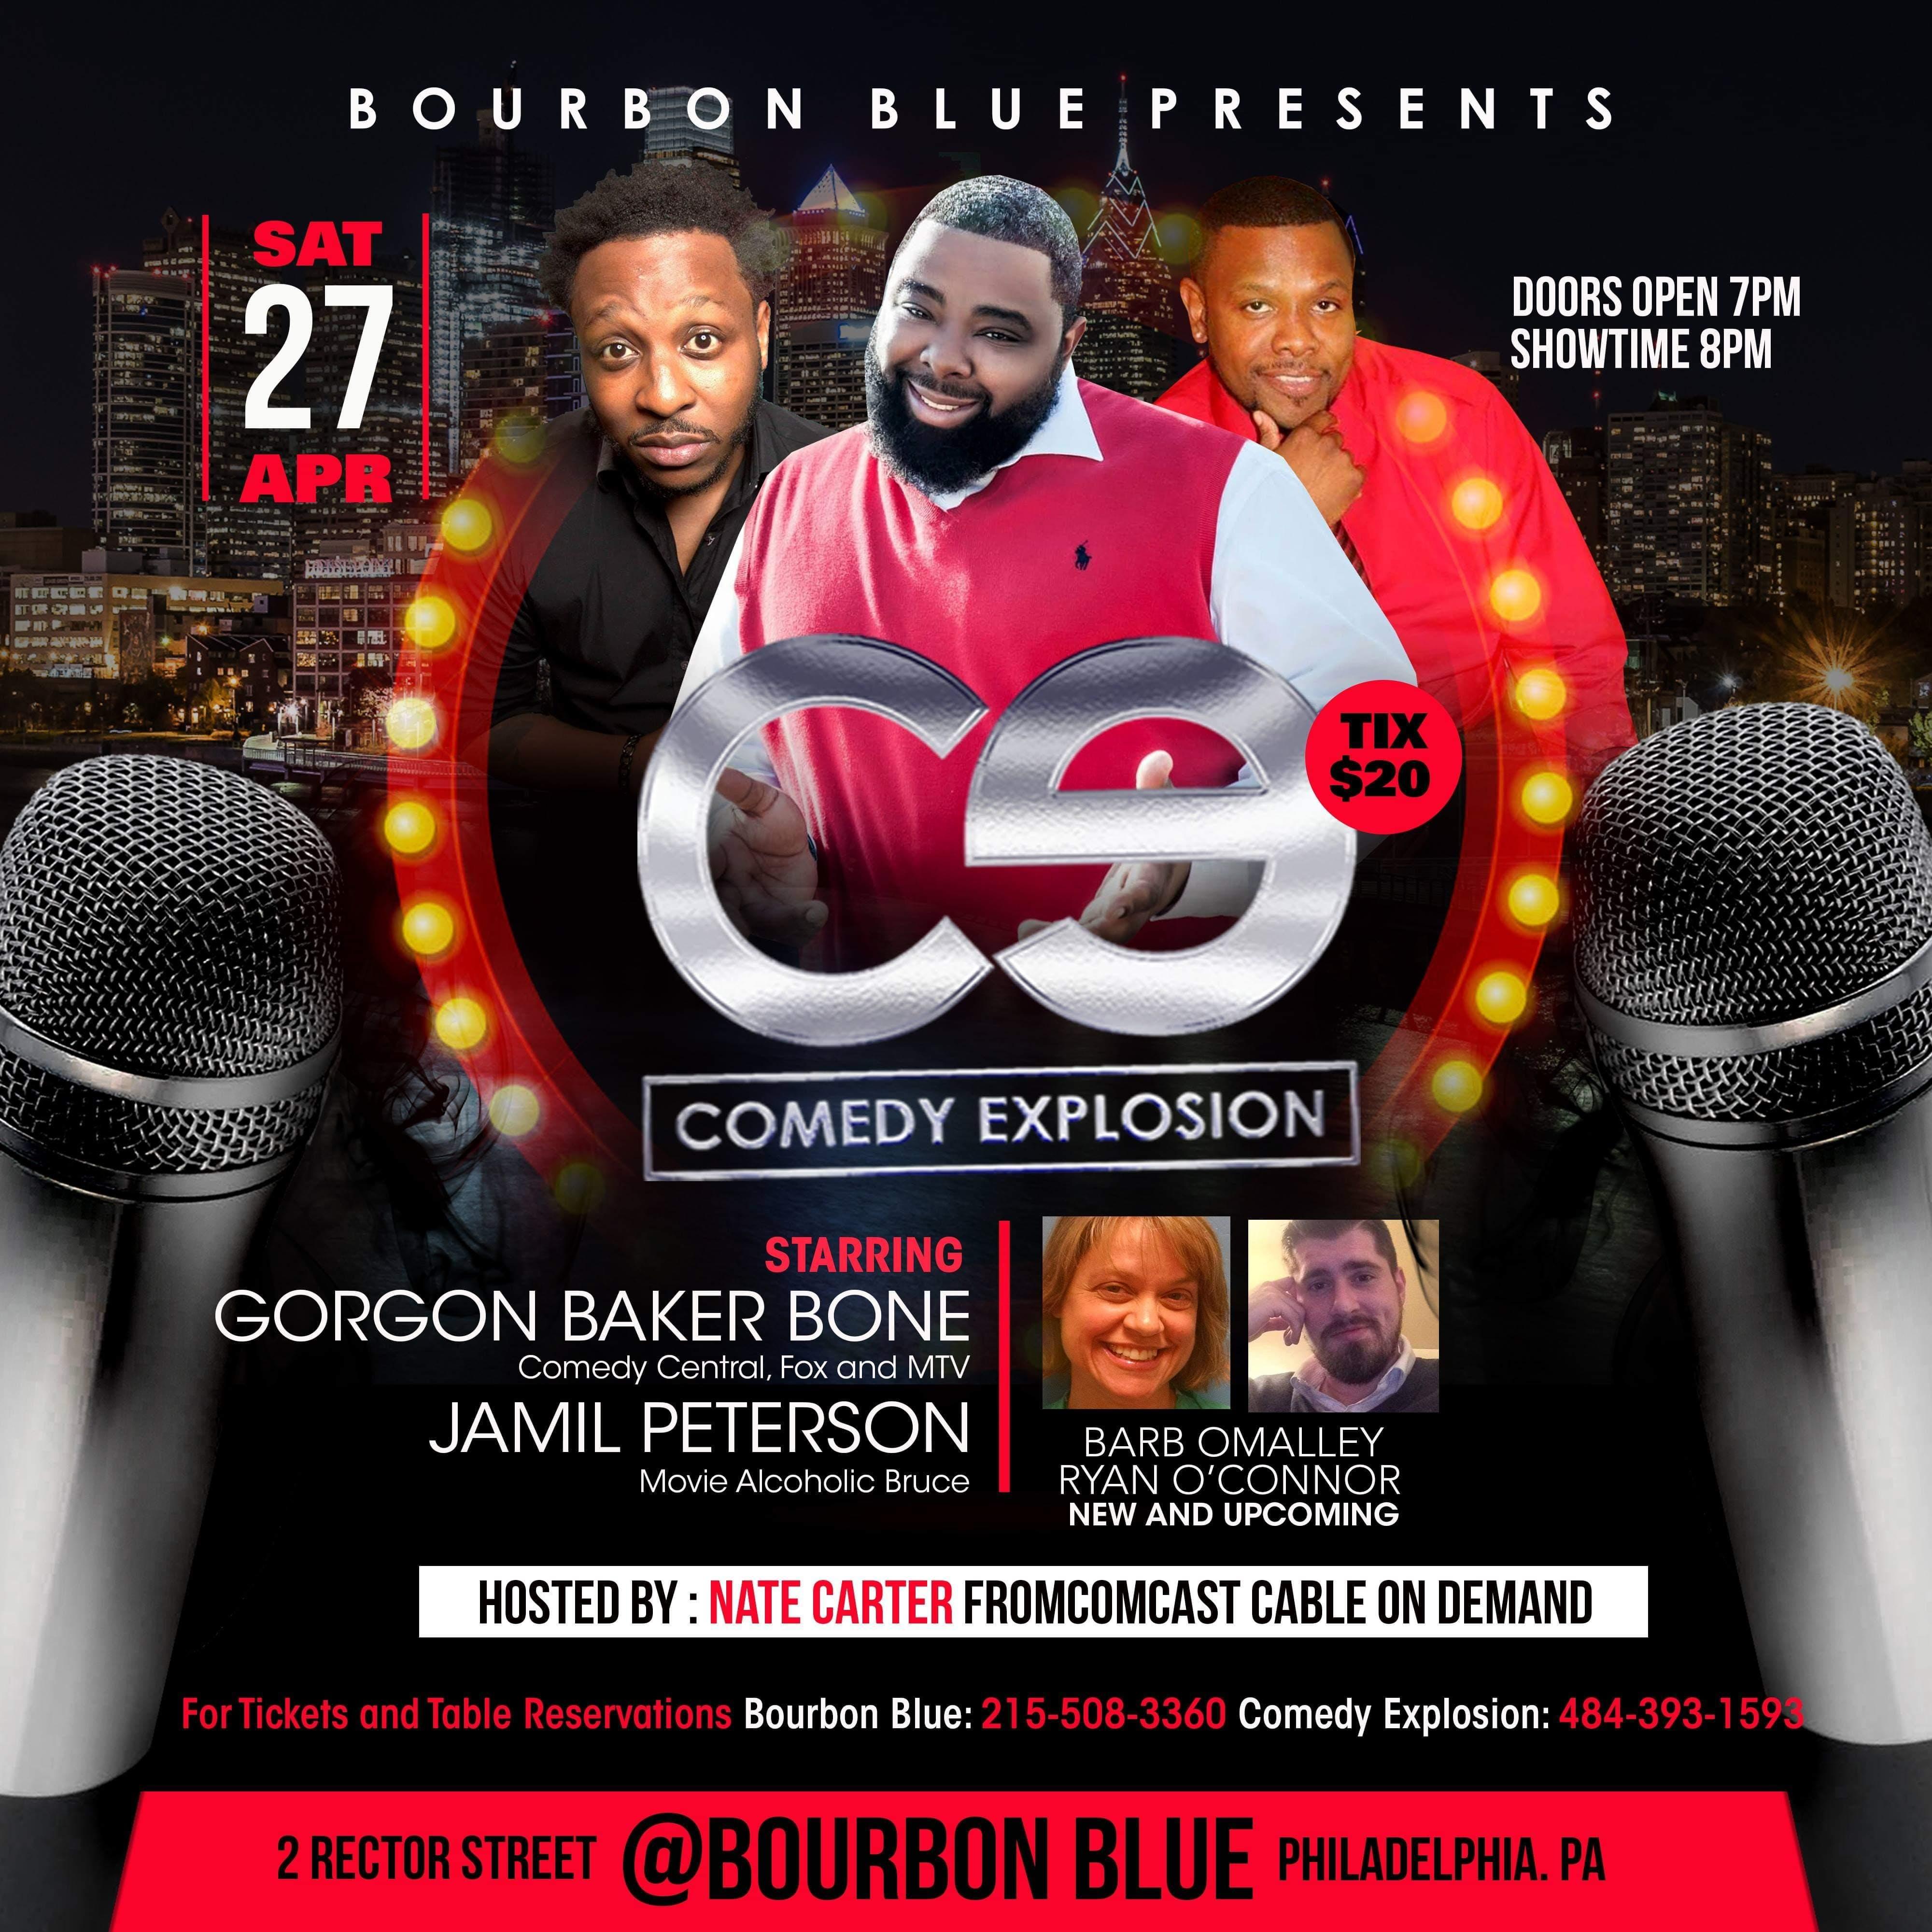 Laughs at Bourbon Blue